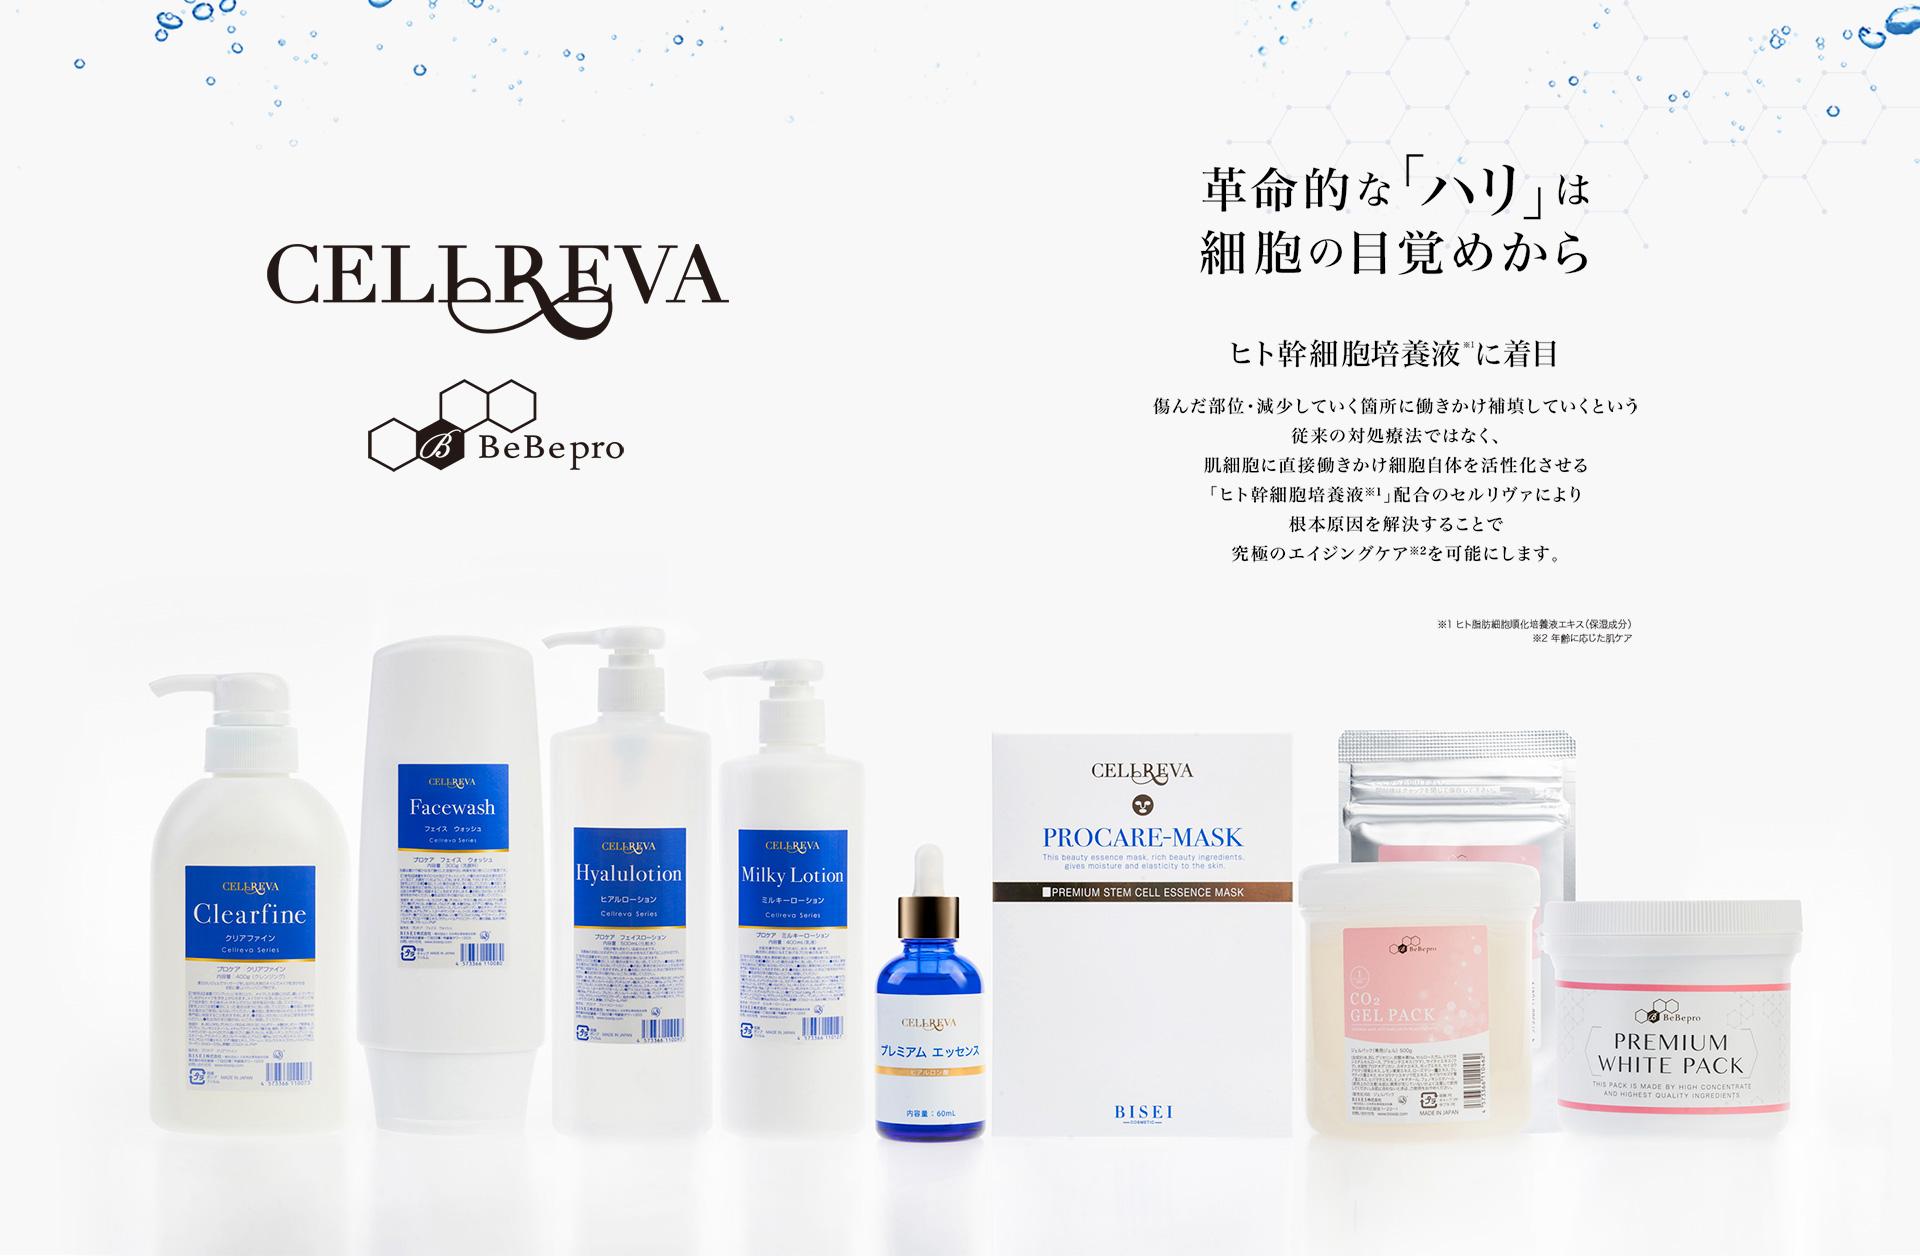 CELLREVA-革命的な「ハリ」は細胞の目覚めから-【BBJP株式会社】